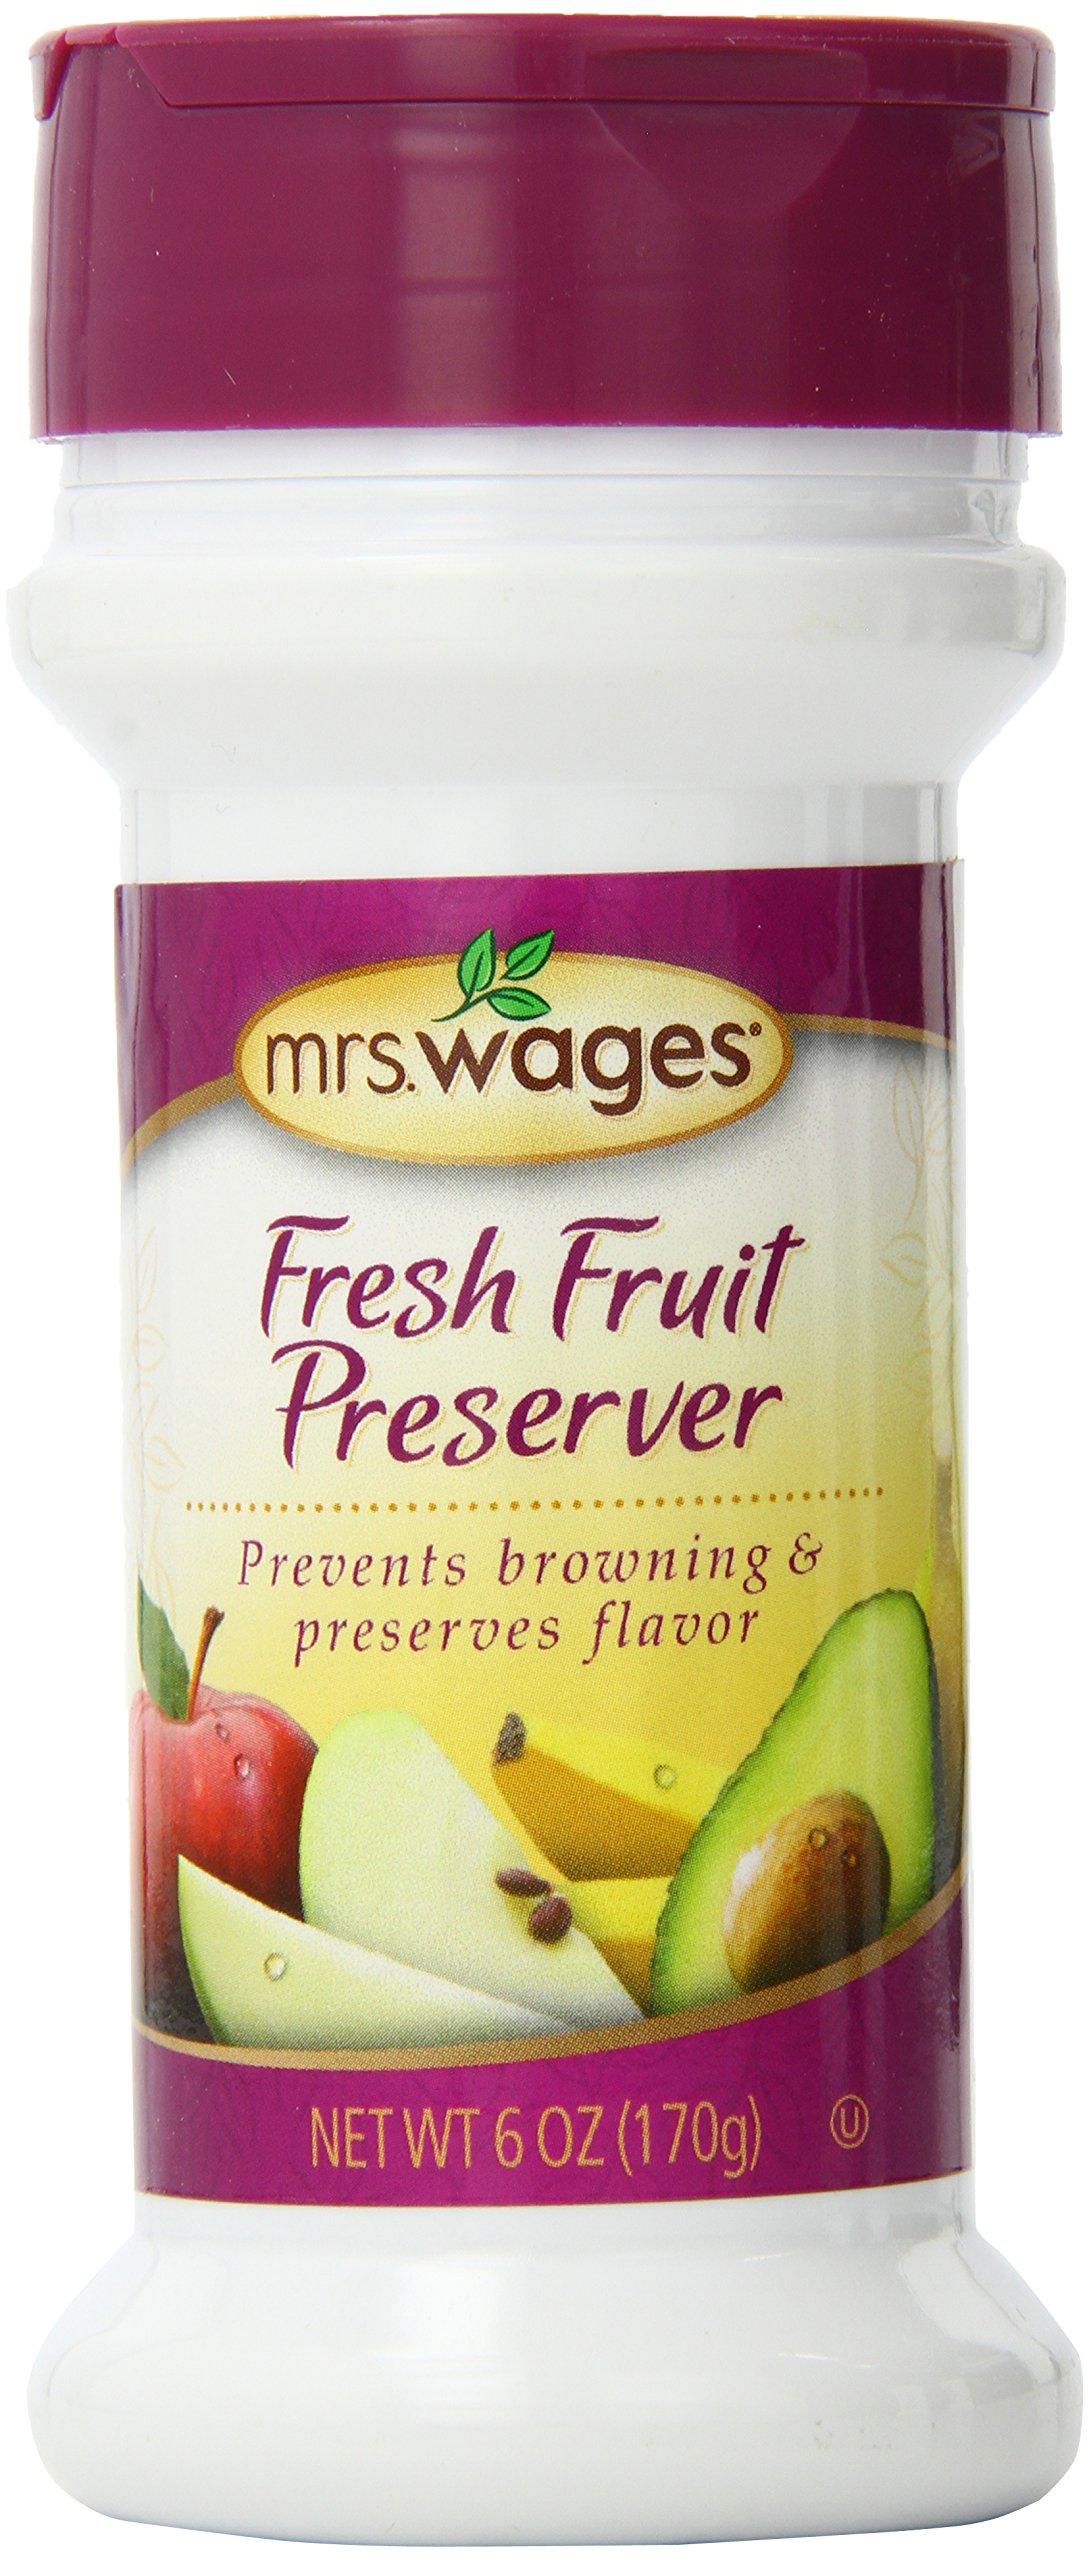 Mrs. Wages Fresh Fruit Preserver, 6-Ounce Shaker Bottle(Pack of 6)